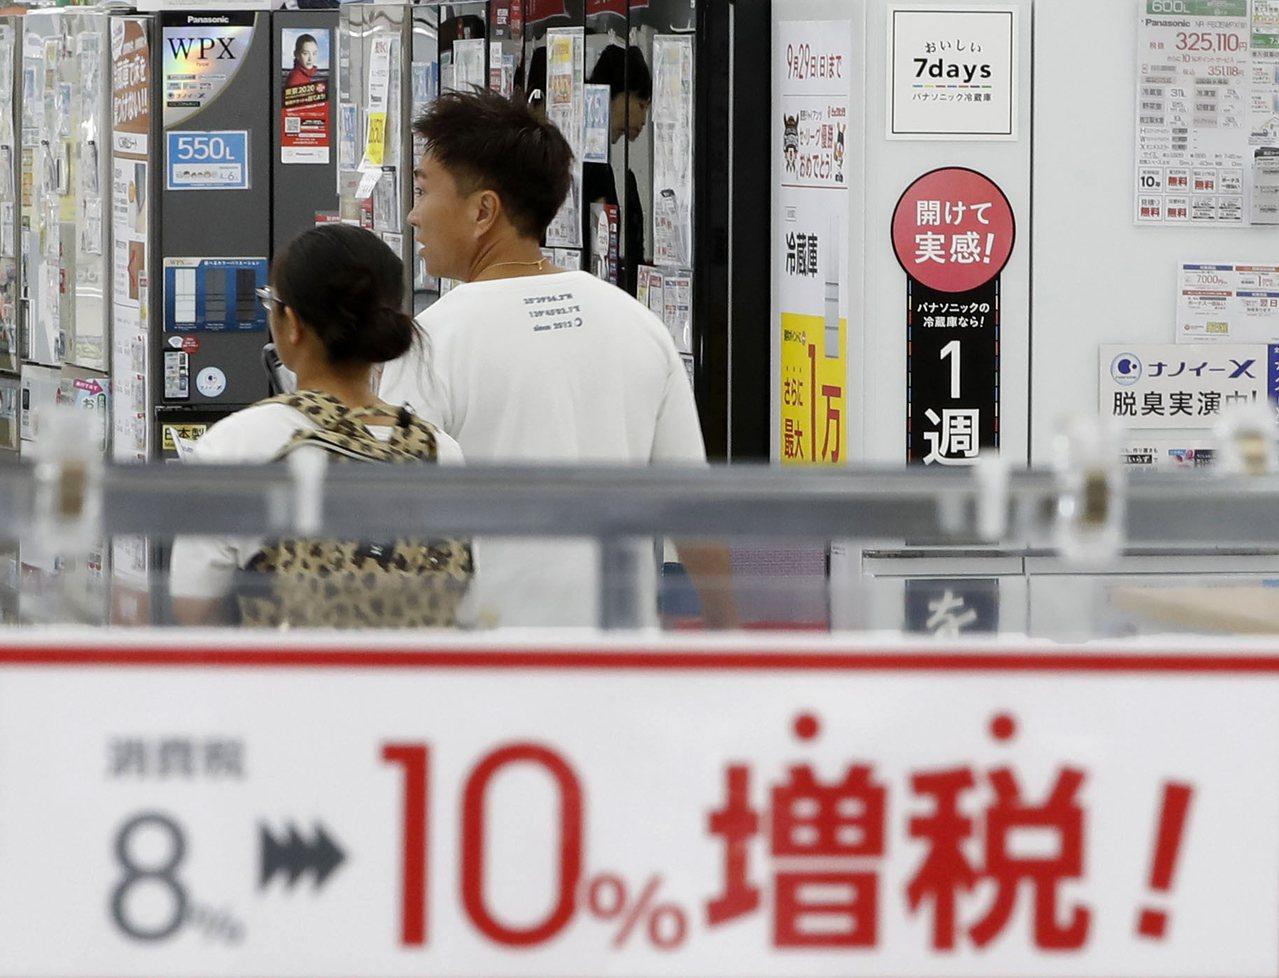 日本執政聯盟將敦促日本政府編列約10兆日圓的追加預算。美聯社